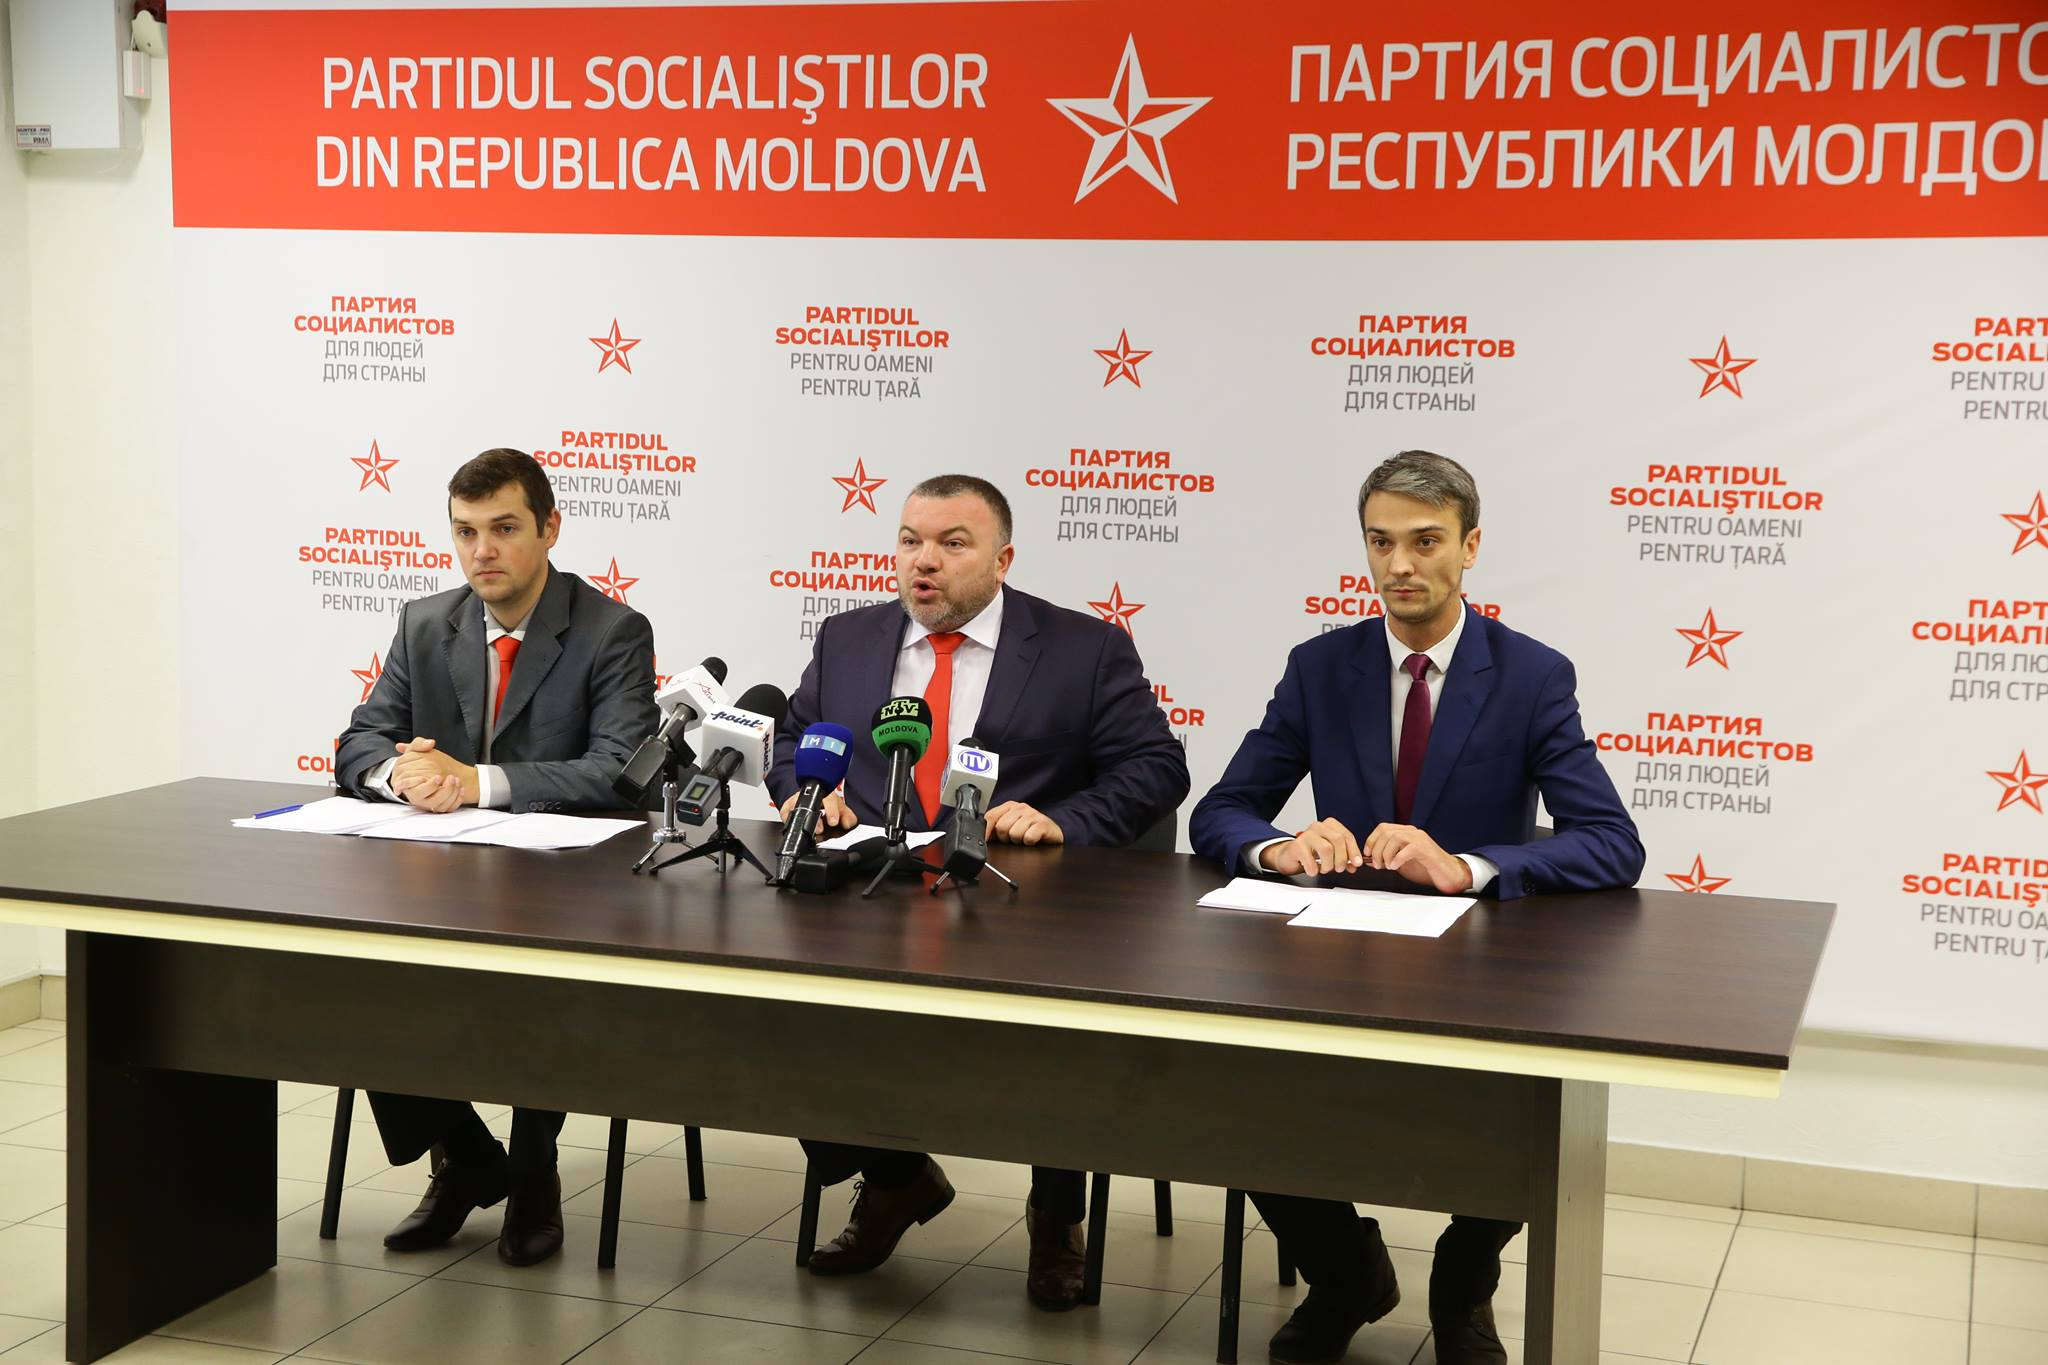 Consilierii socialiști: Au loc unele ședințe în Primăria Chișinău, în cadrul cărora se discută majorarea tarifelor